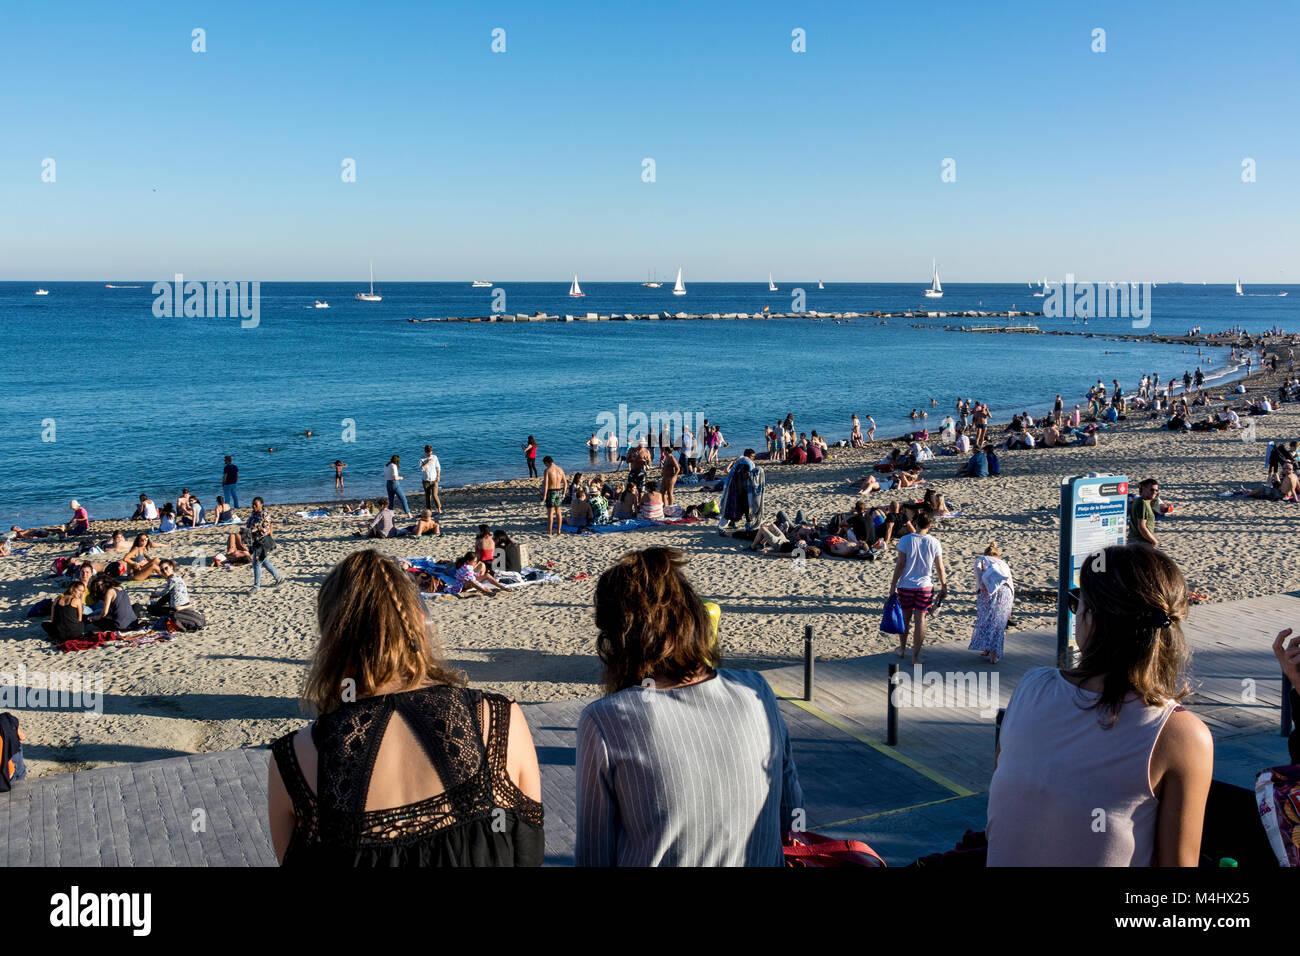 Strand Von Barcelona An Einem Gut Besuchten Sonntag Im Herbst Mit